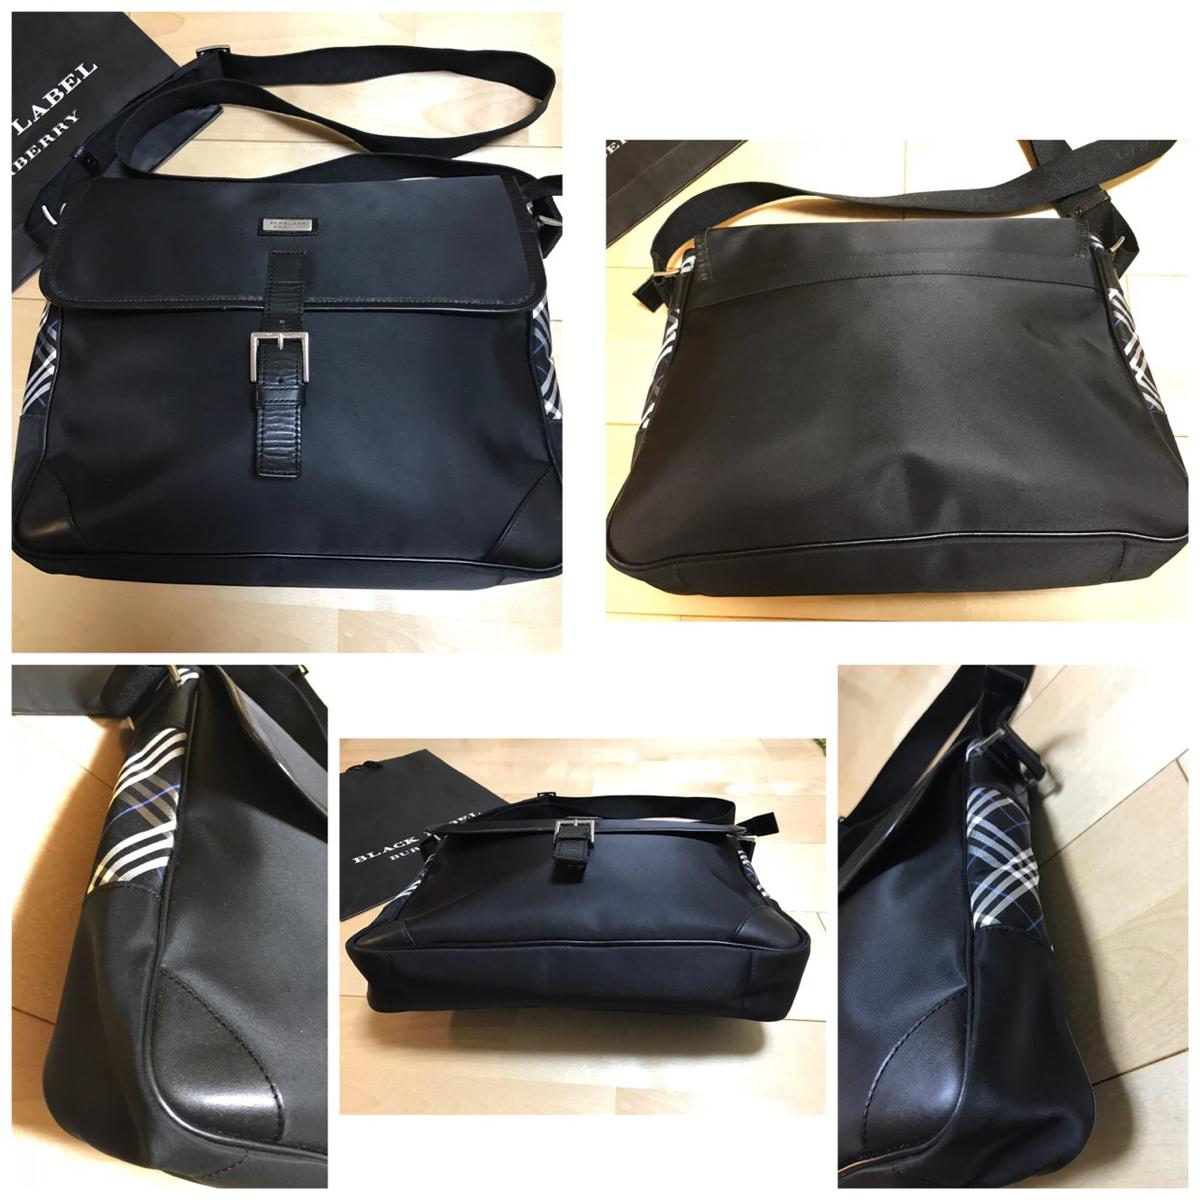 バーバリー ブラックレーベル ショルダー バッグ レア 本物 1円 blacklabel Burberry バック 鞄 ビジネス カジュアル 未使用品_画像2